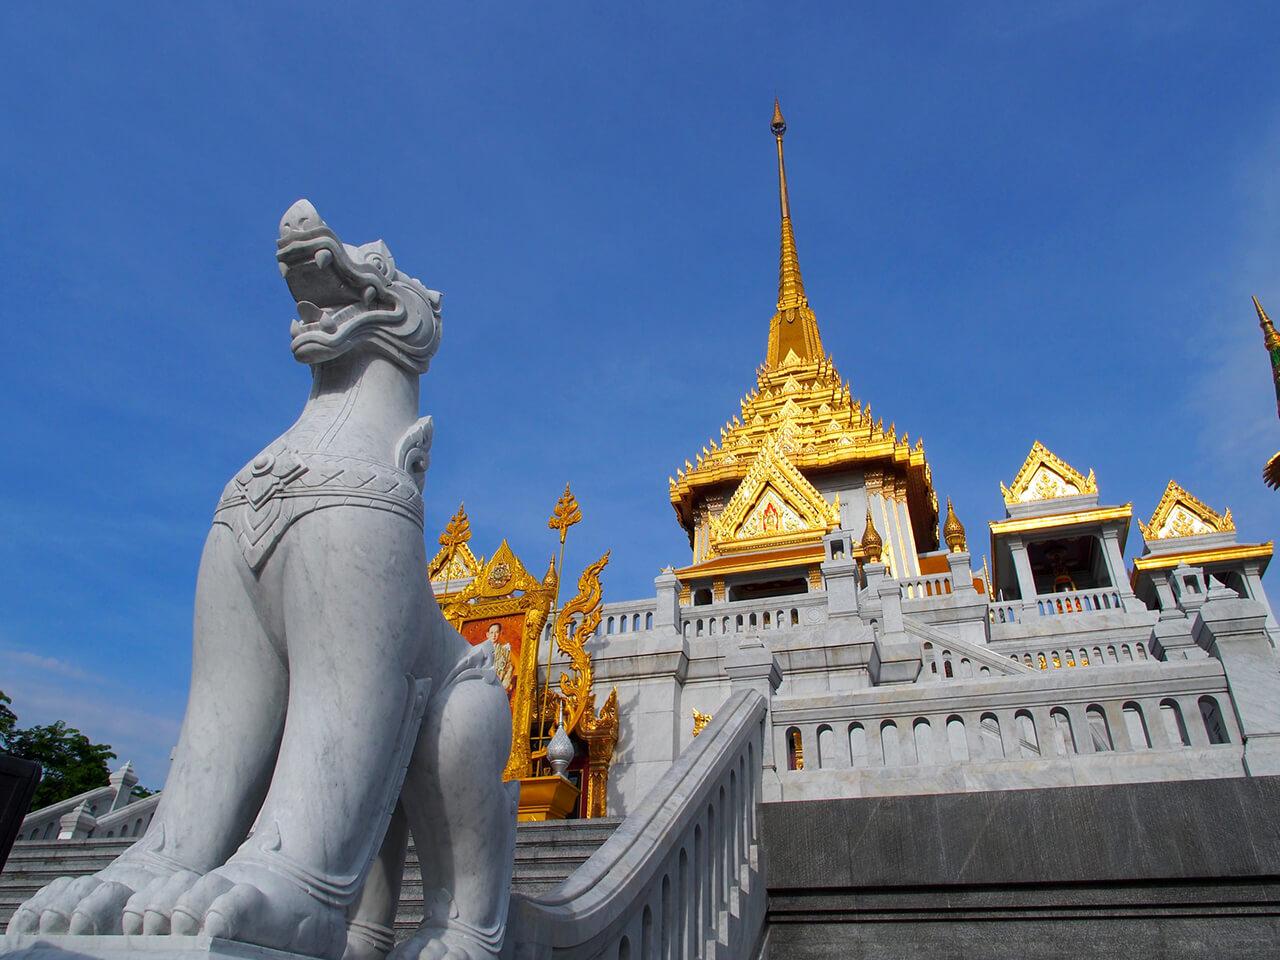 Những điểm tham quan không thể bỏ qua khi du lịch Thái Lan - chùa vàng